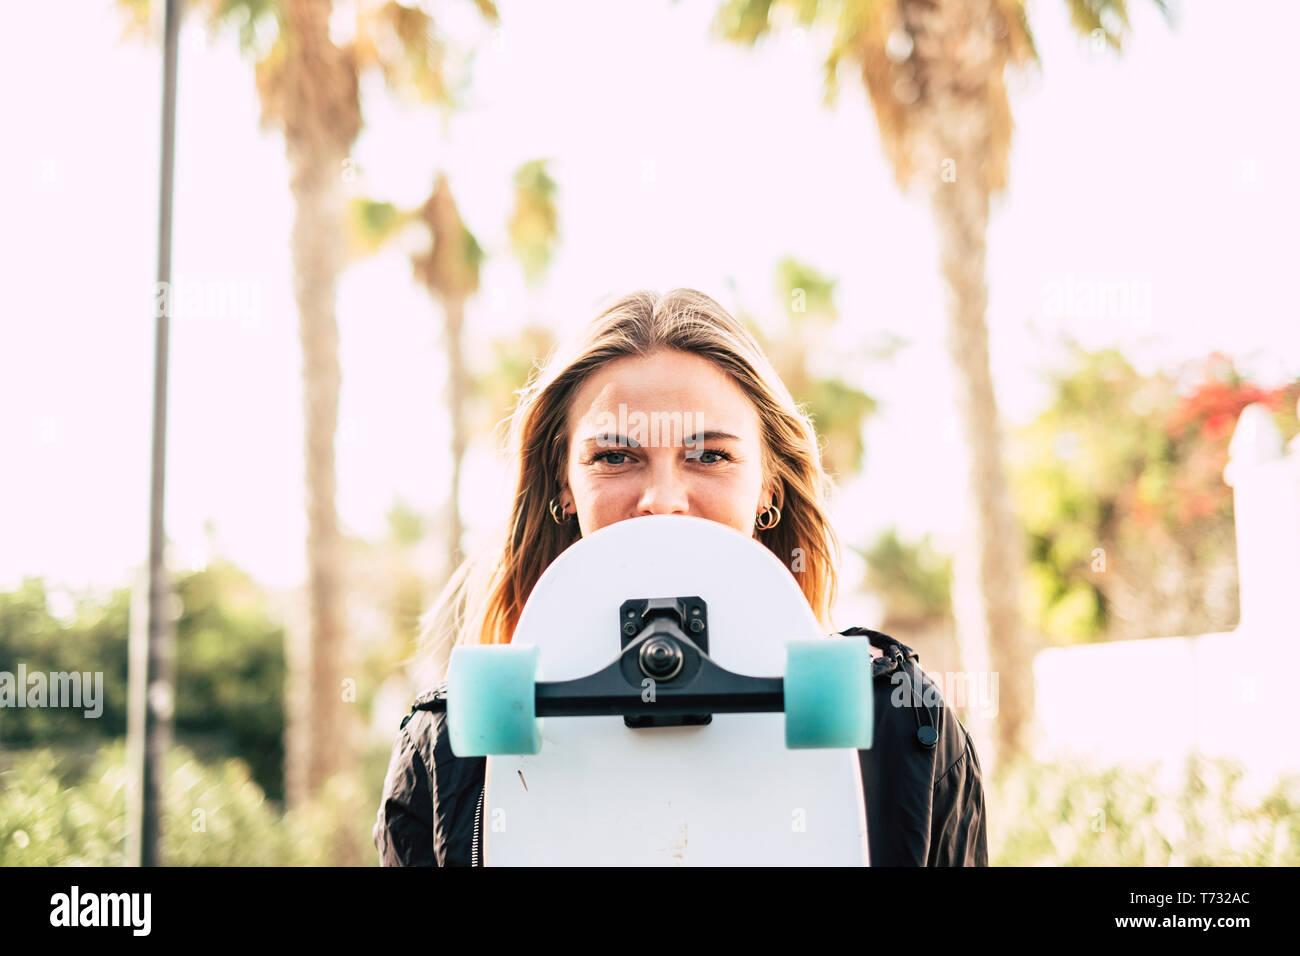 Moderne freundliche schöne blonde Mädchen Porträt mit Skateboard zur Deckung eines Teils der hübschen Gesicht - Junge tausendjährigen Menschen outdoor Konzept genießen lif Stockfoto